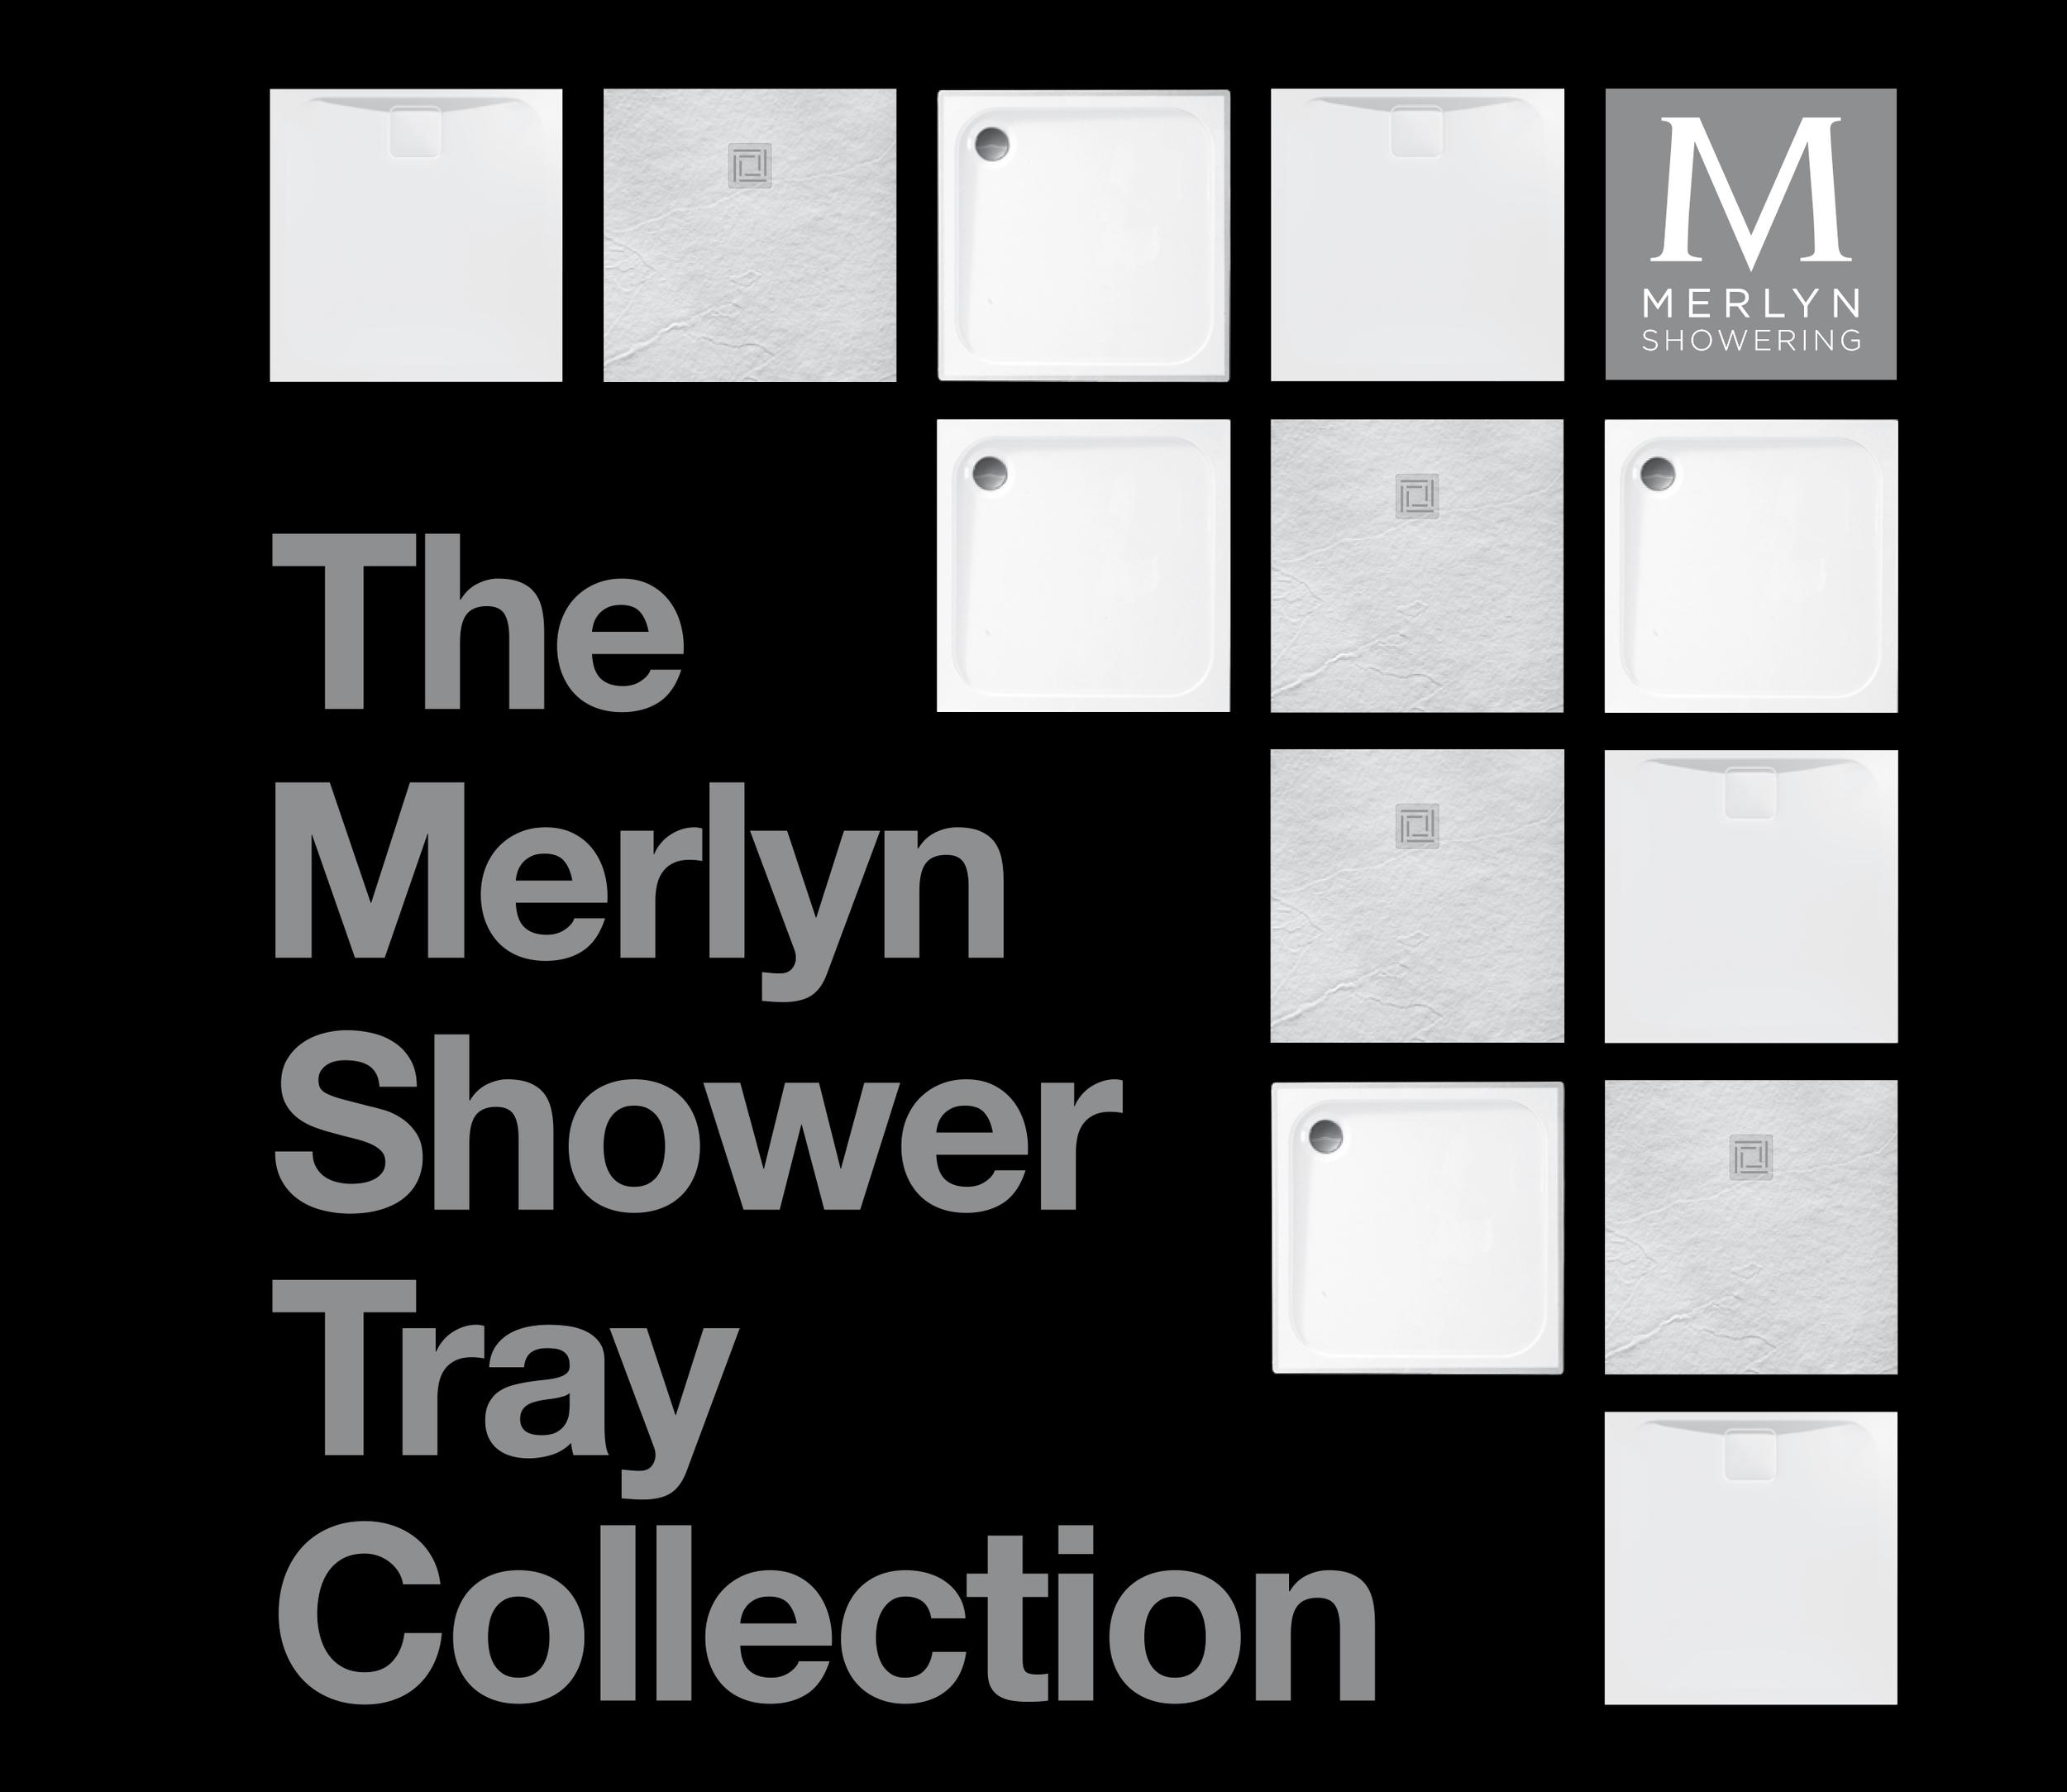 MERLYN SHOWERS